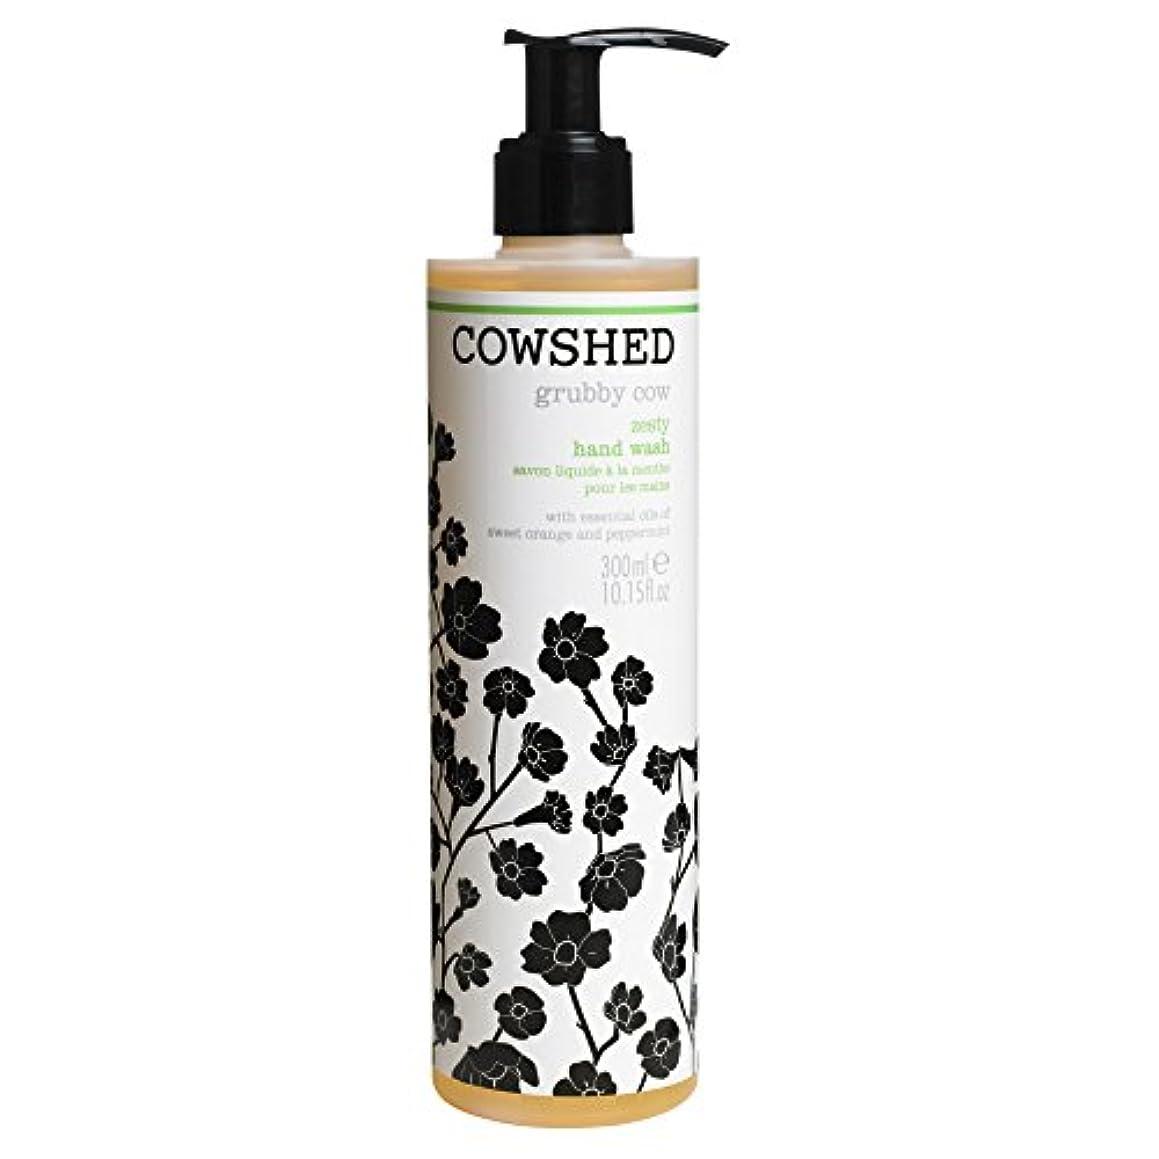 ベッドを作る有効負担牛舎汚い牛ピリッハンドウォッシュ300ミリリットル (Cowshed) (x6) - Cowshed Grubby Cow Zesty Hand Wash 300ml (Pack of 6) [並行輸入品]